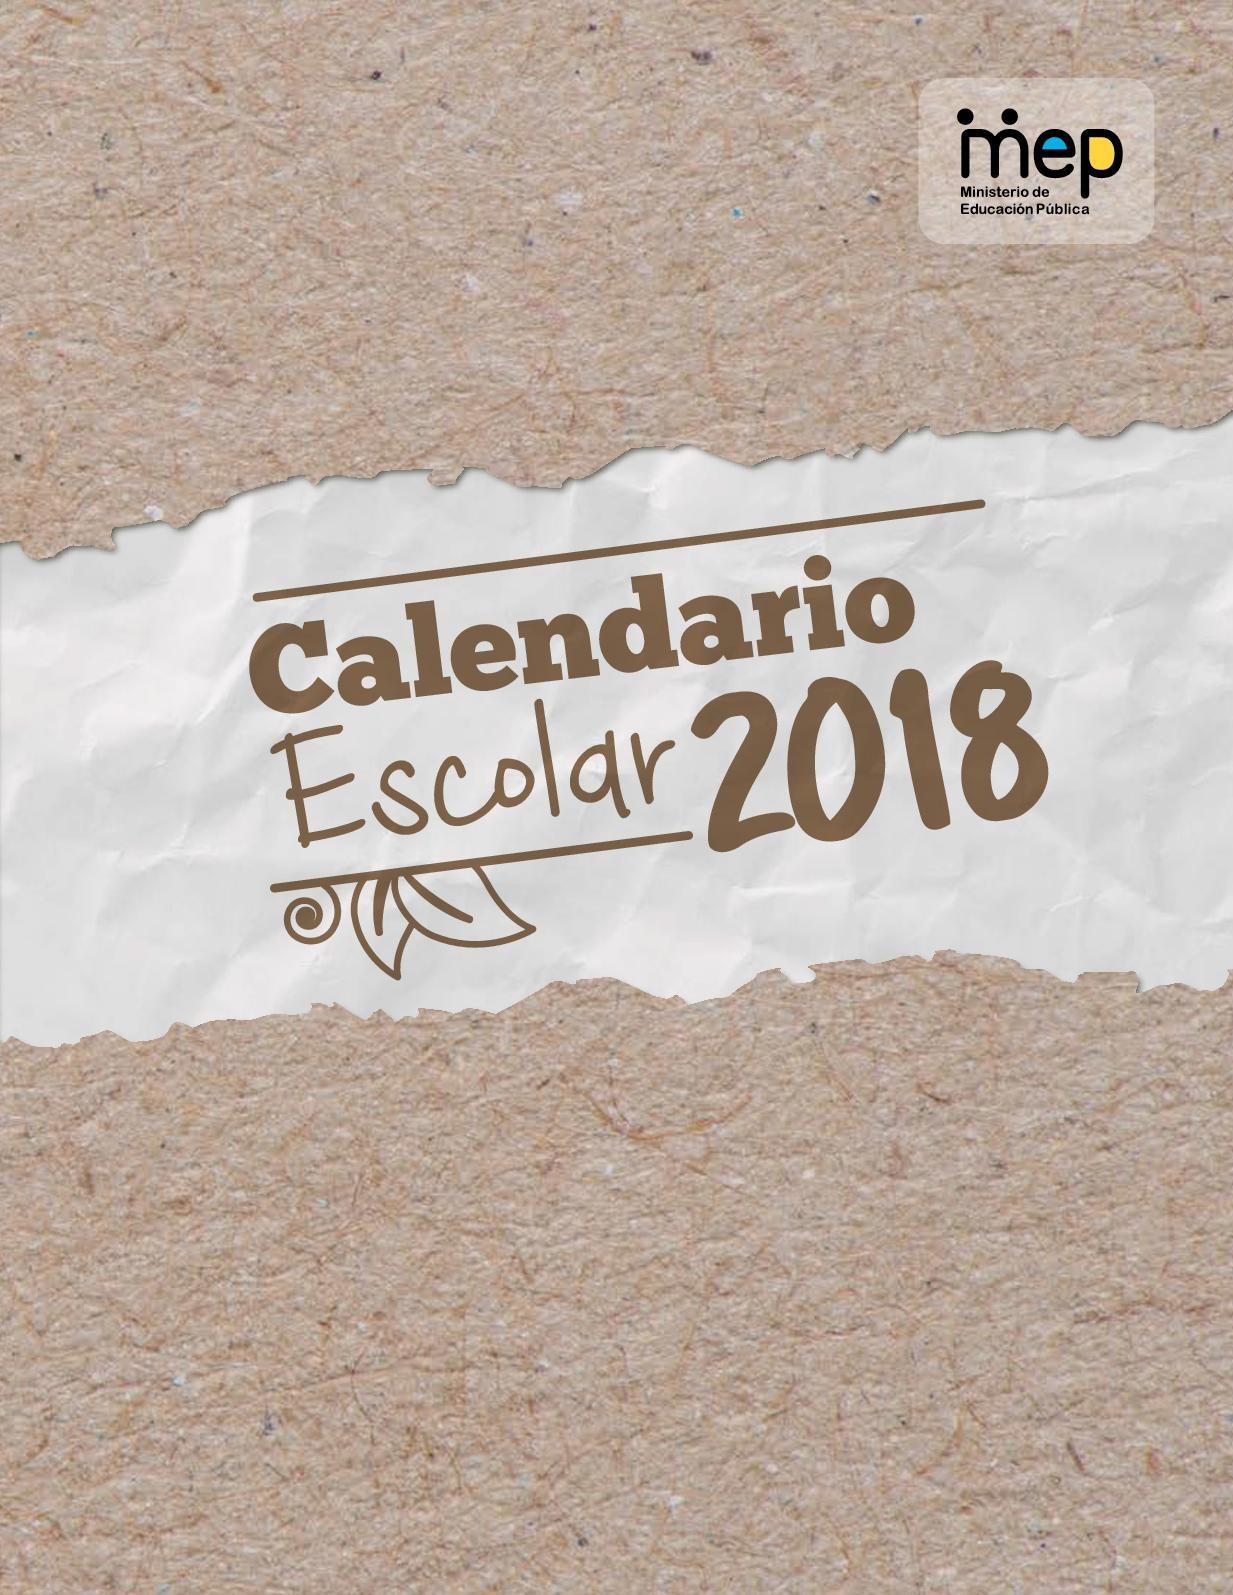 Calendario 2019 Costa Rica Feriados Más Reciente Calaméo Calendario Escolar 2018 Of Calendario 2019 Costa Rica Feriados Más Recientemente Liberado Calaméo Diario De Noticias De lava